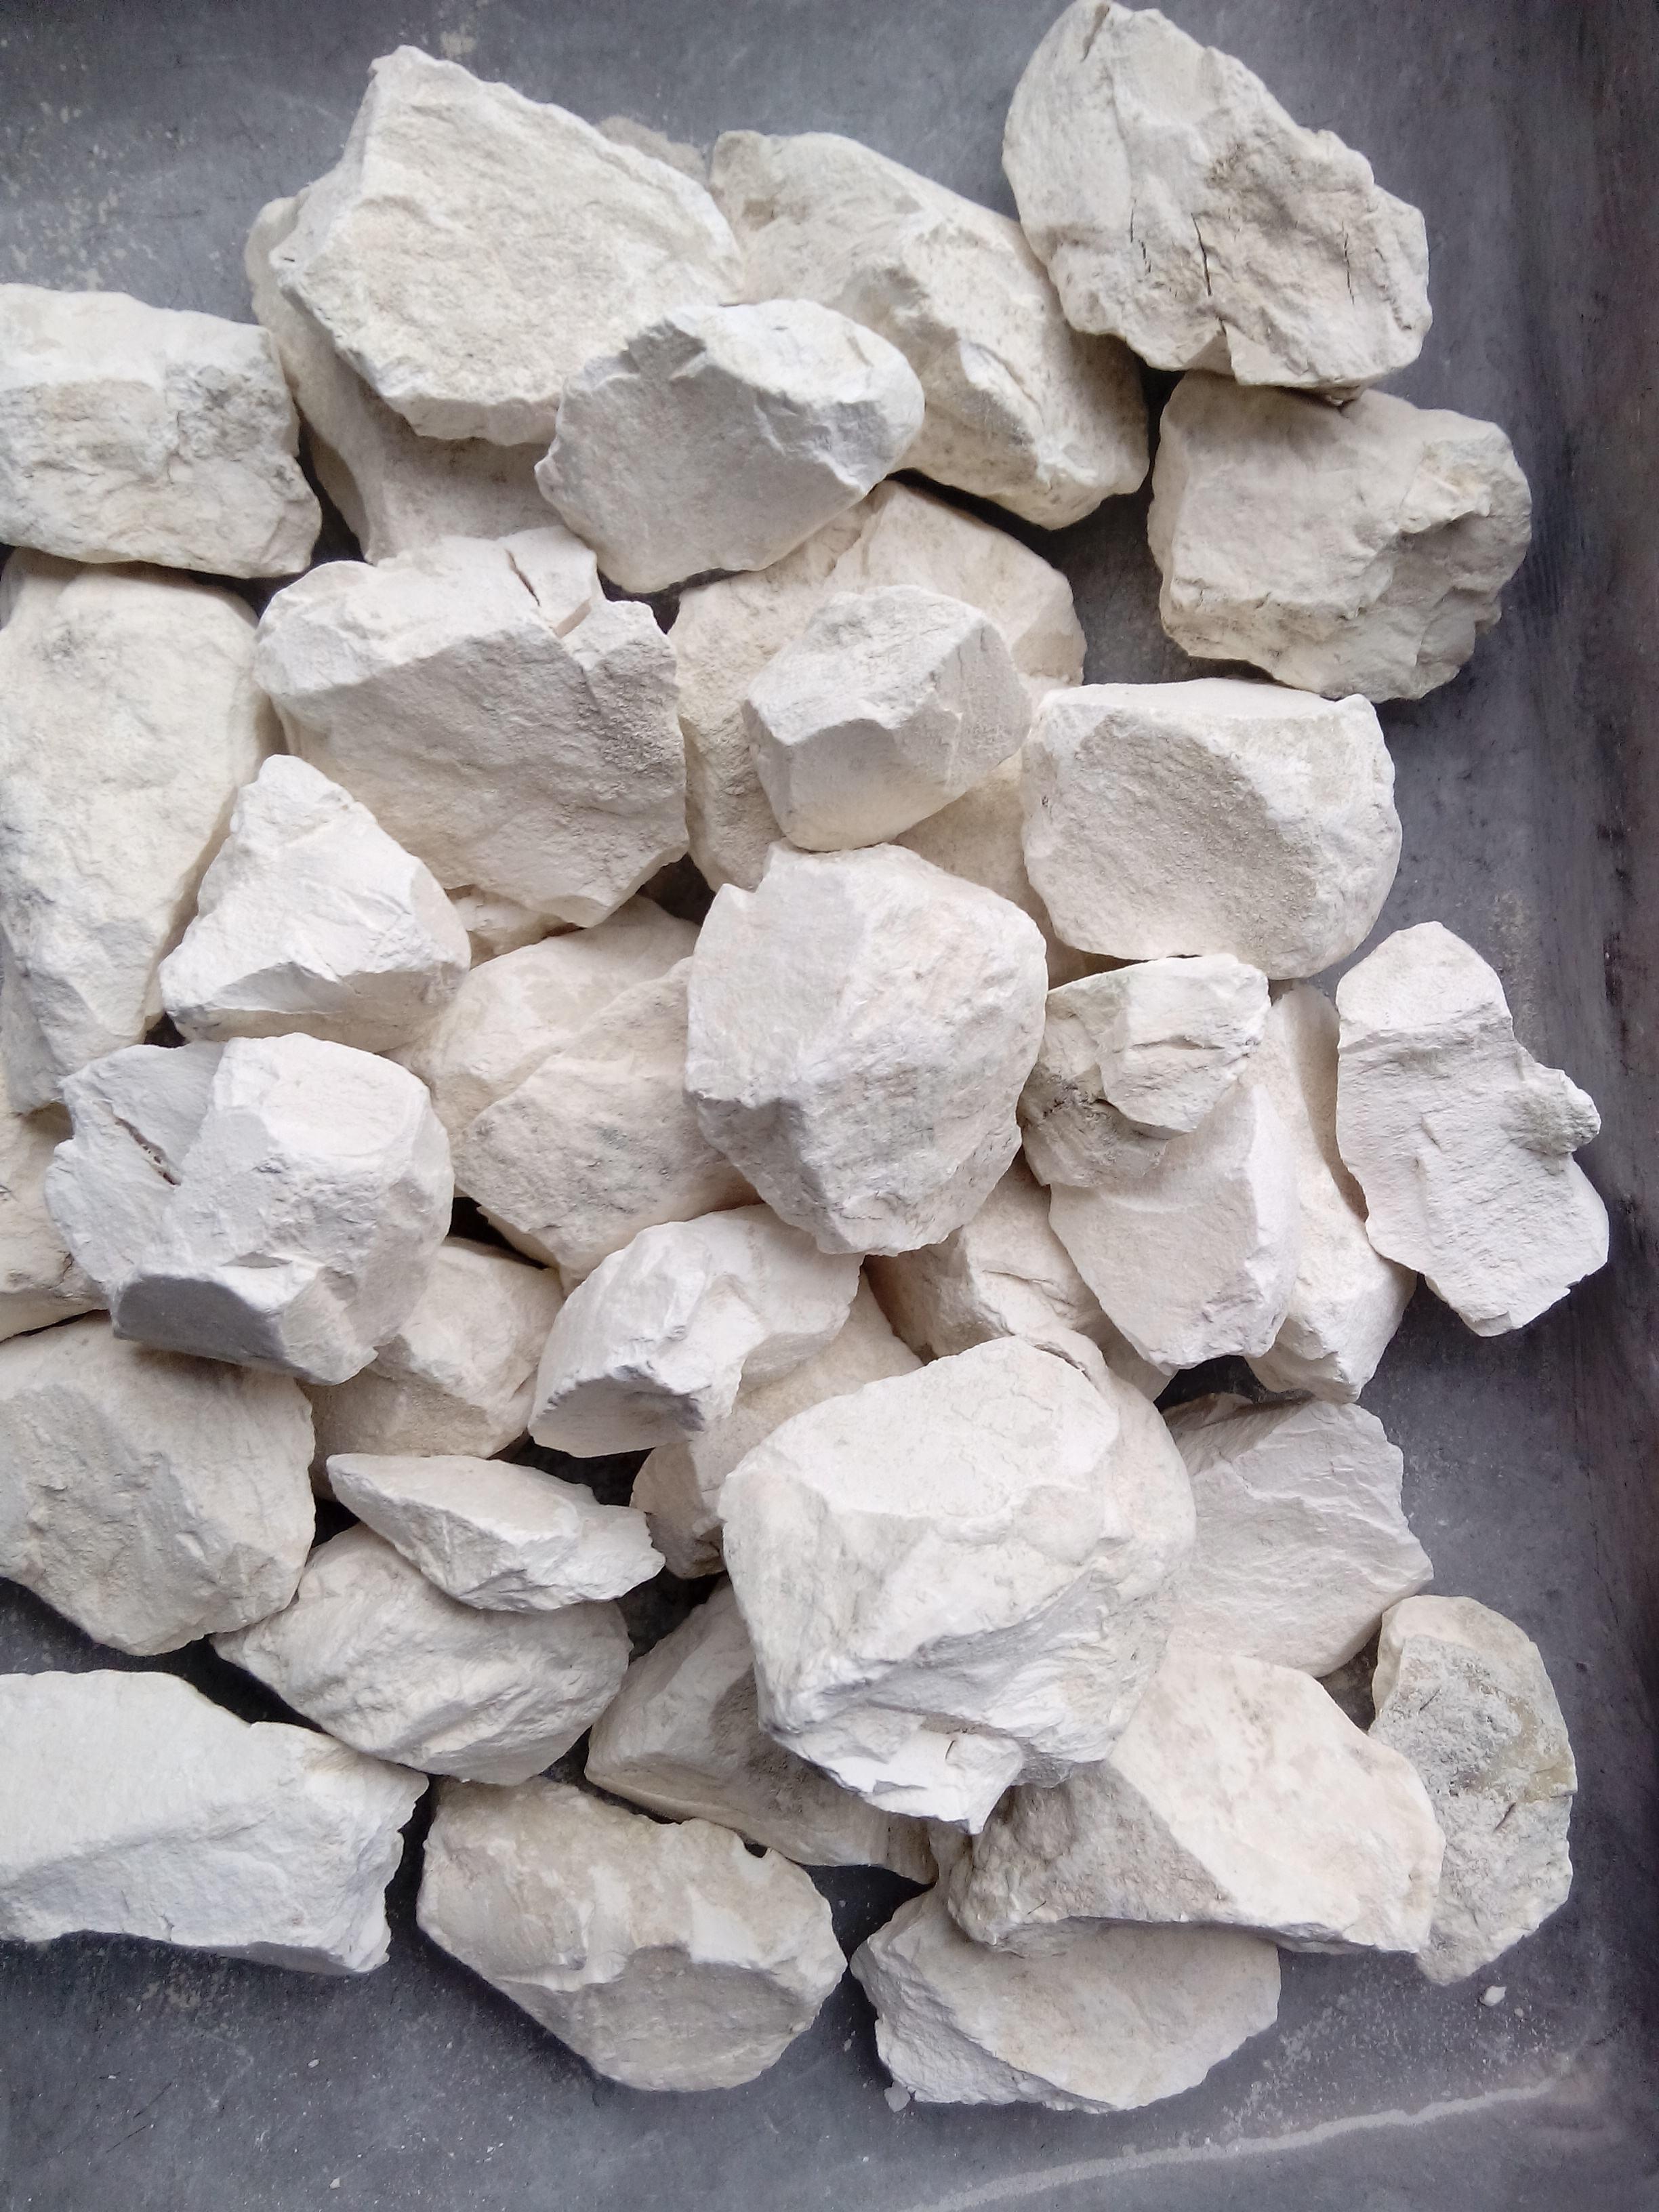 四川石灰厂家_氧化钙生石灰相关-中国石灰网